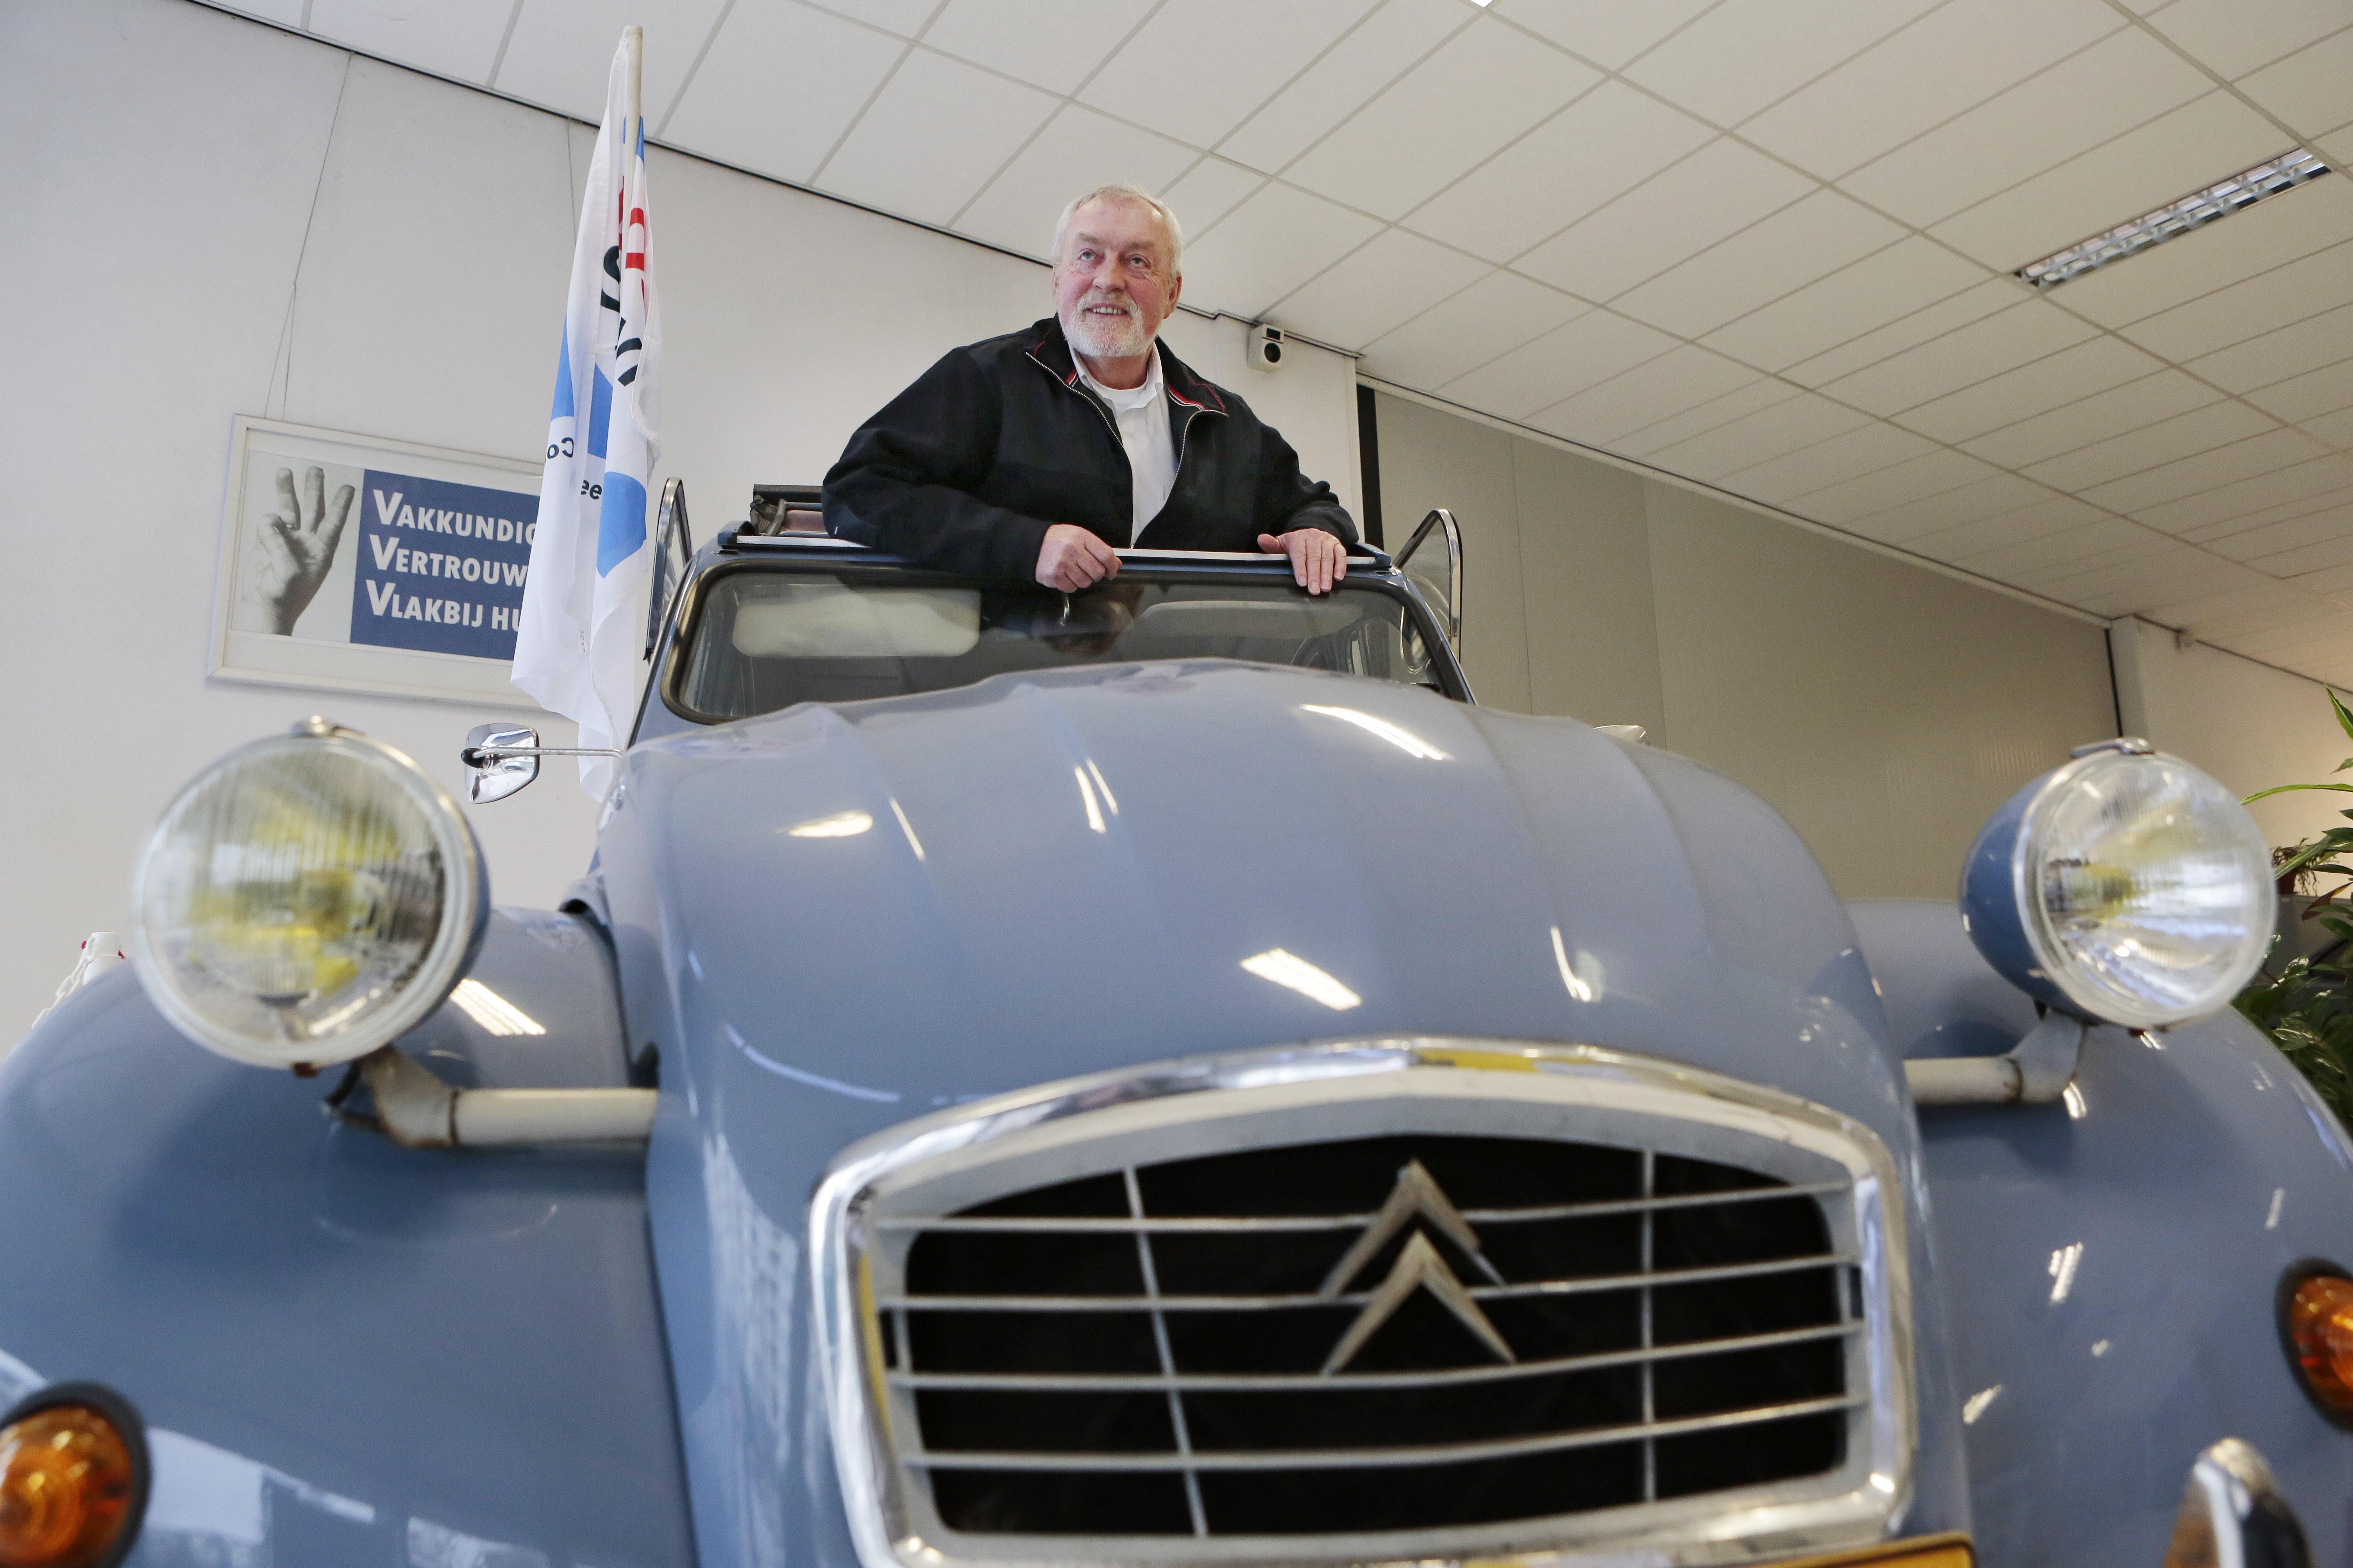 Theo van Kan (70) stapt na bijna 50 jaar uit autobedrijf, maar gaat niet achter de geraniums zitten: 'Nooit'